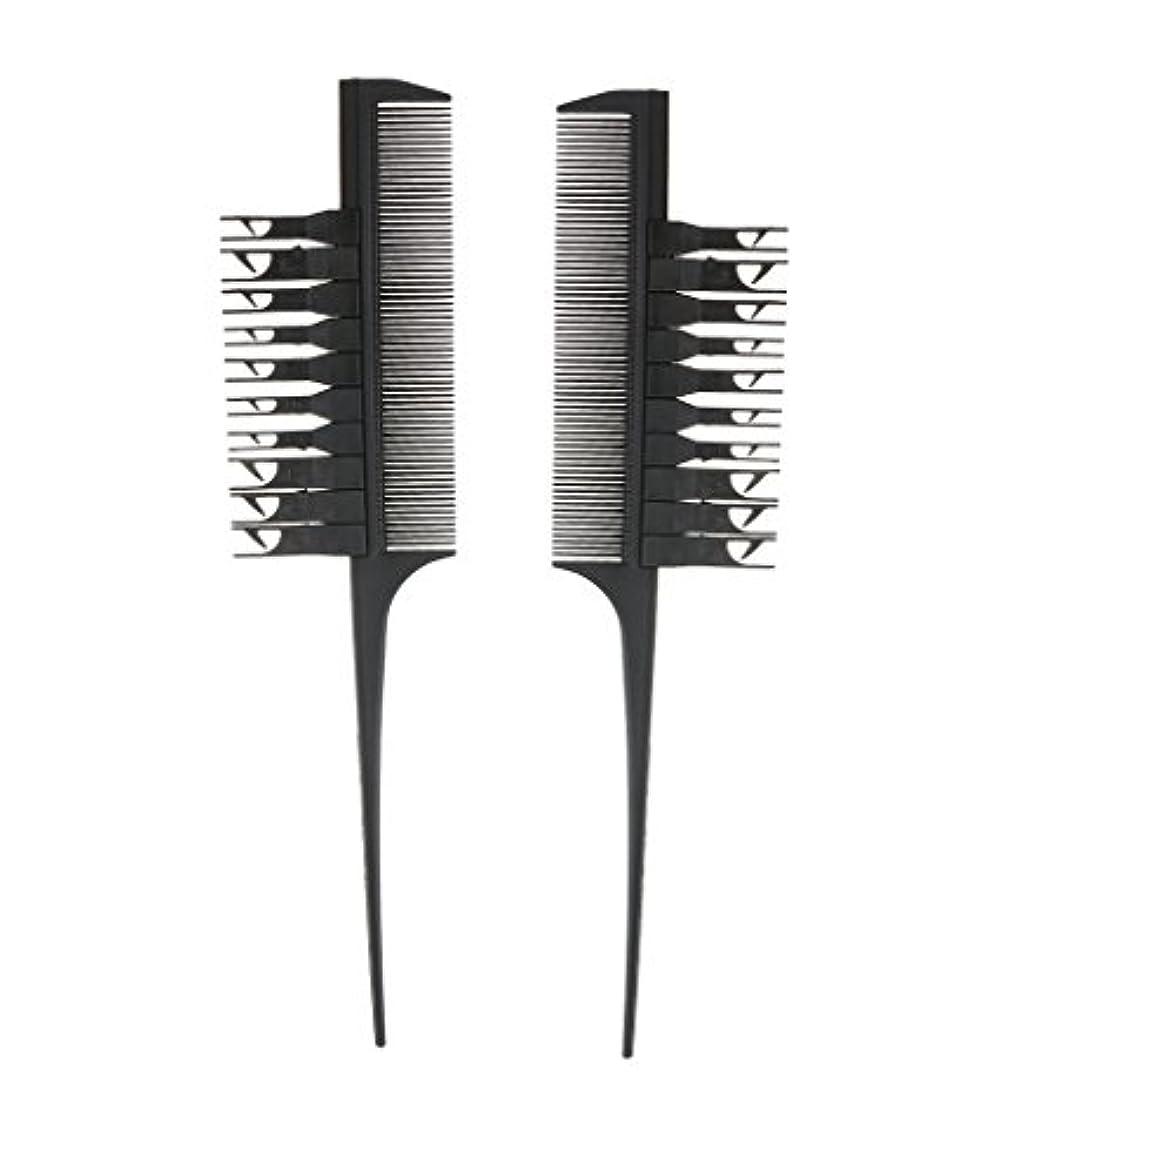 キロメートルゴネリルばかげた2個入り ヘアダイブラシ ヘアカラーリング コーム 櫛 実用的 便利性 (ブラック)